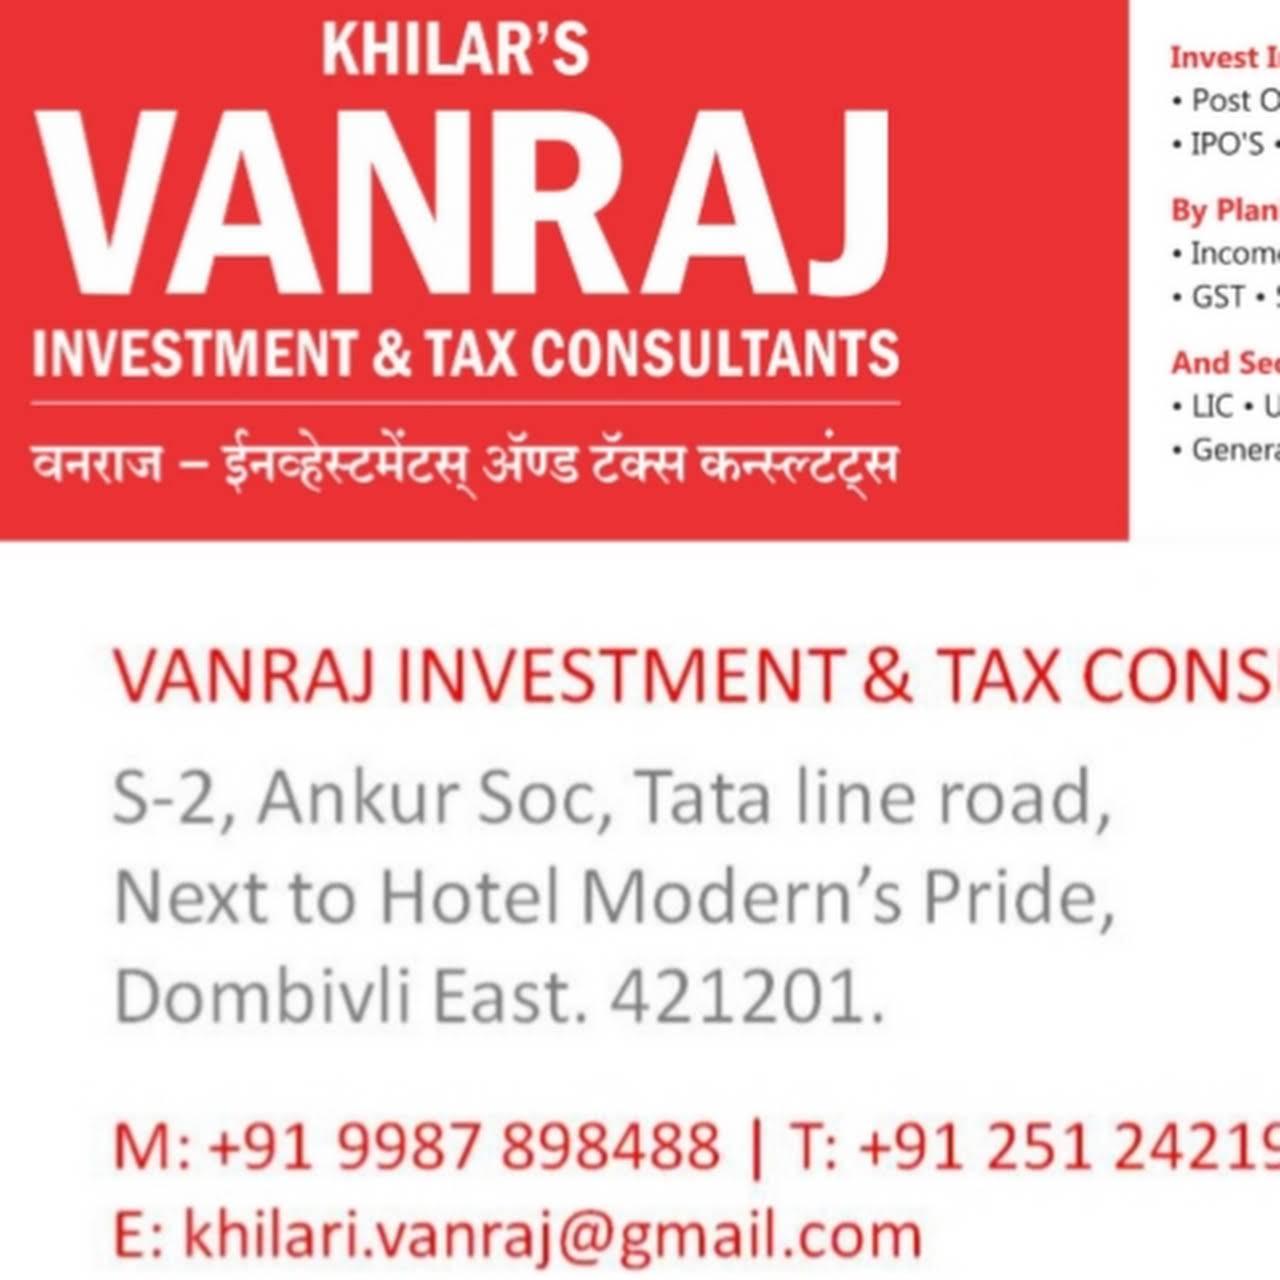 VANRAJ INVESTMENT & TAX CONSULTANT